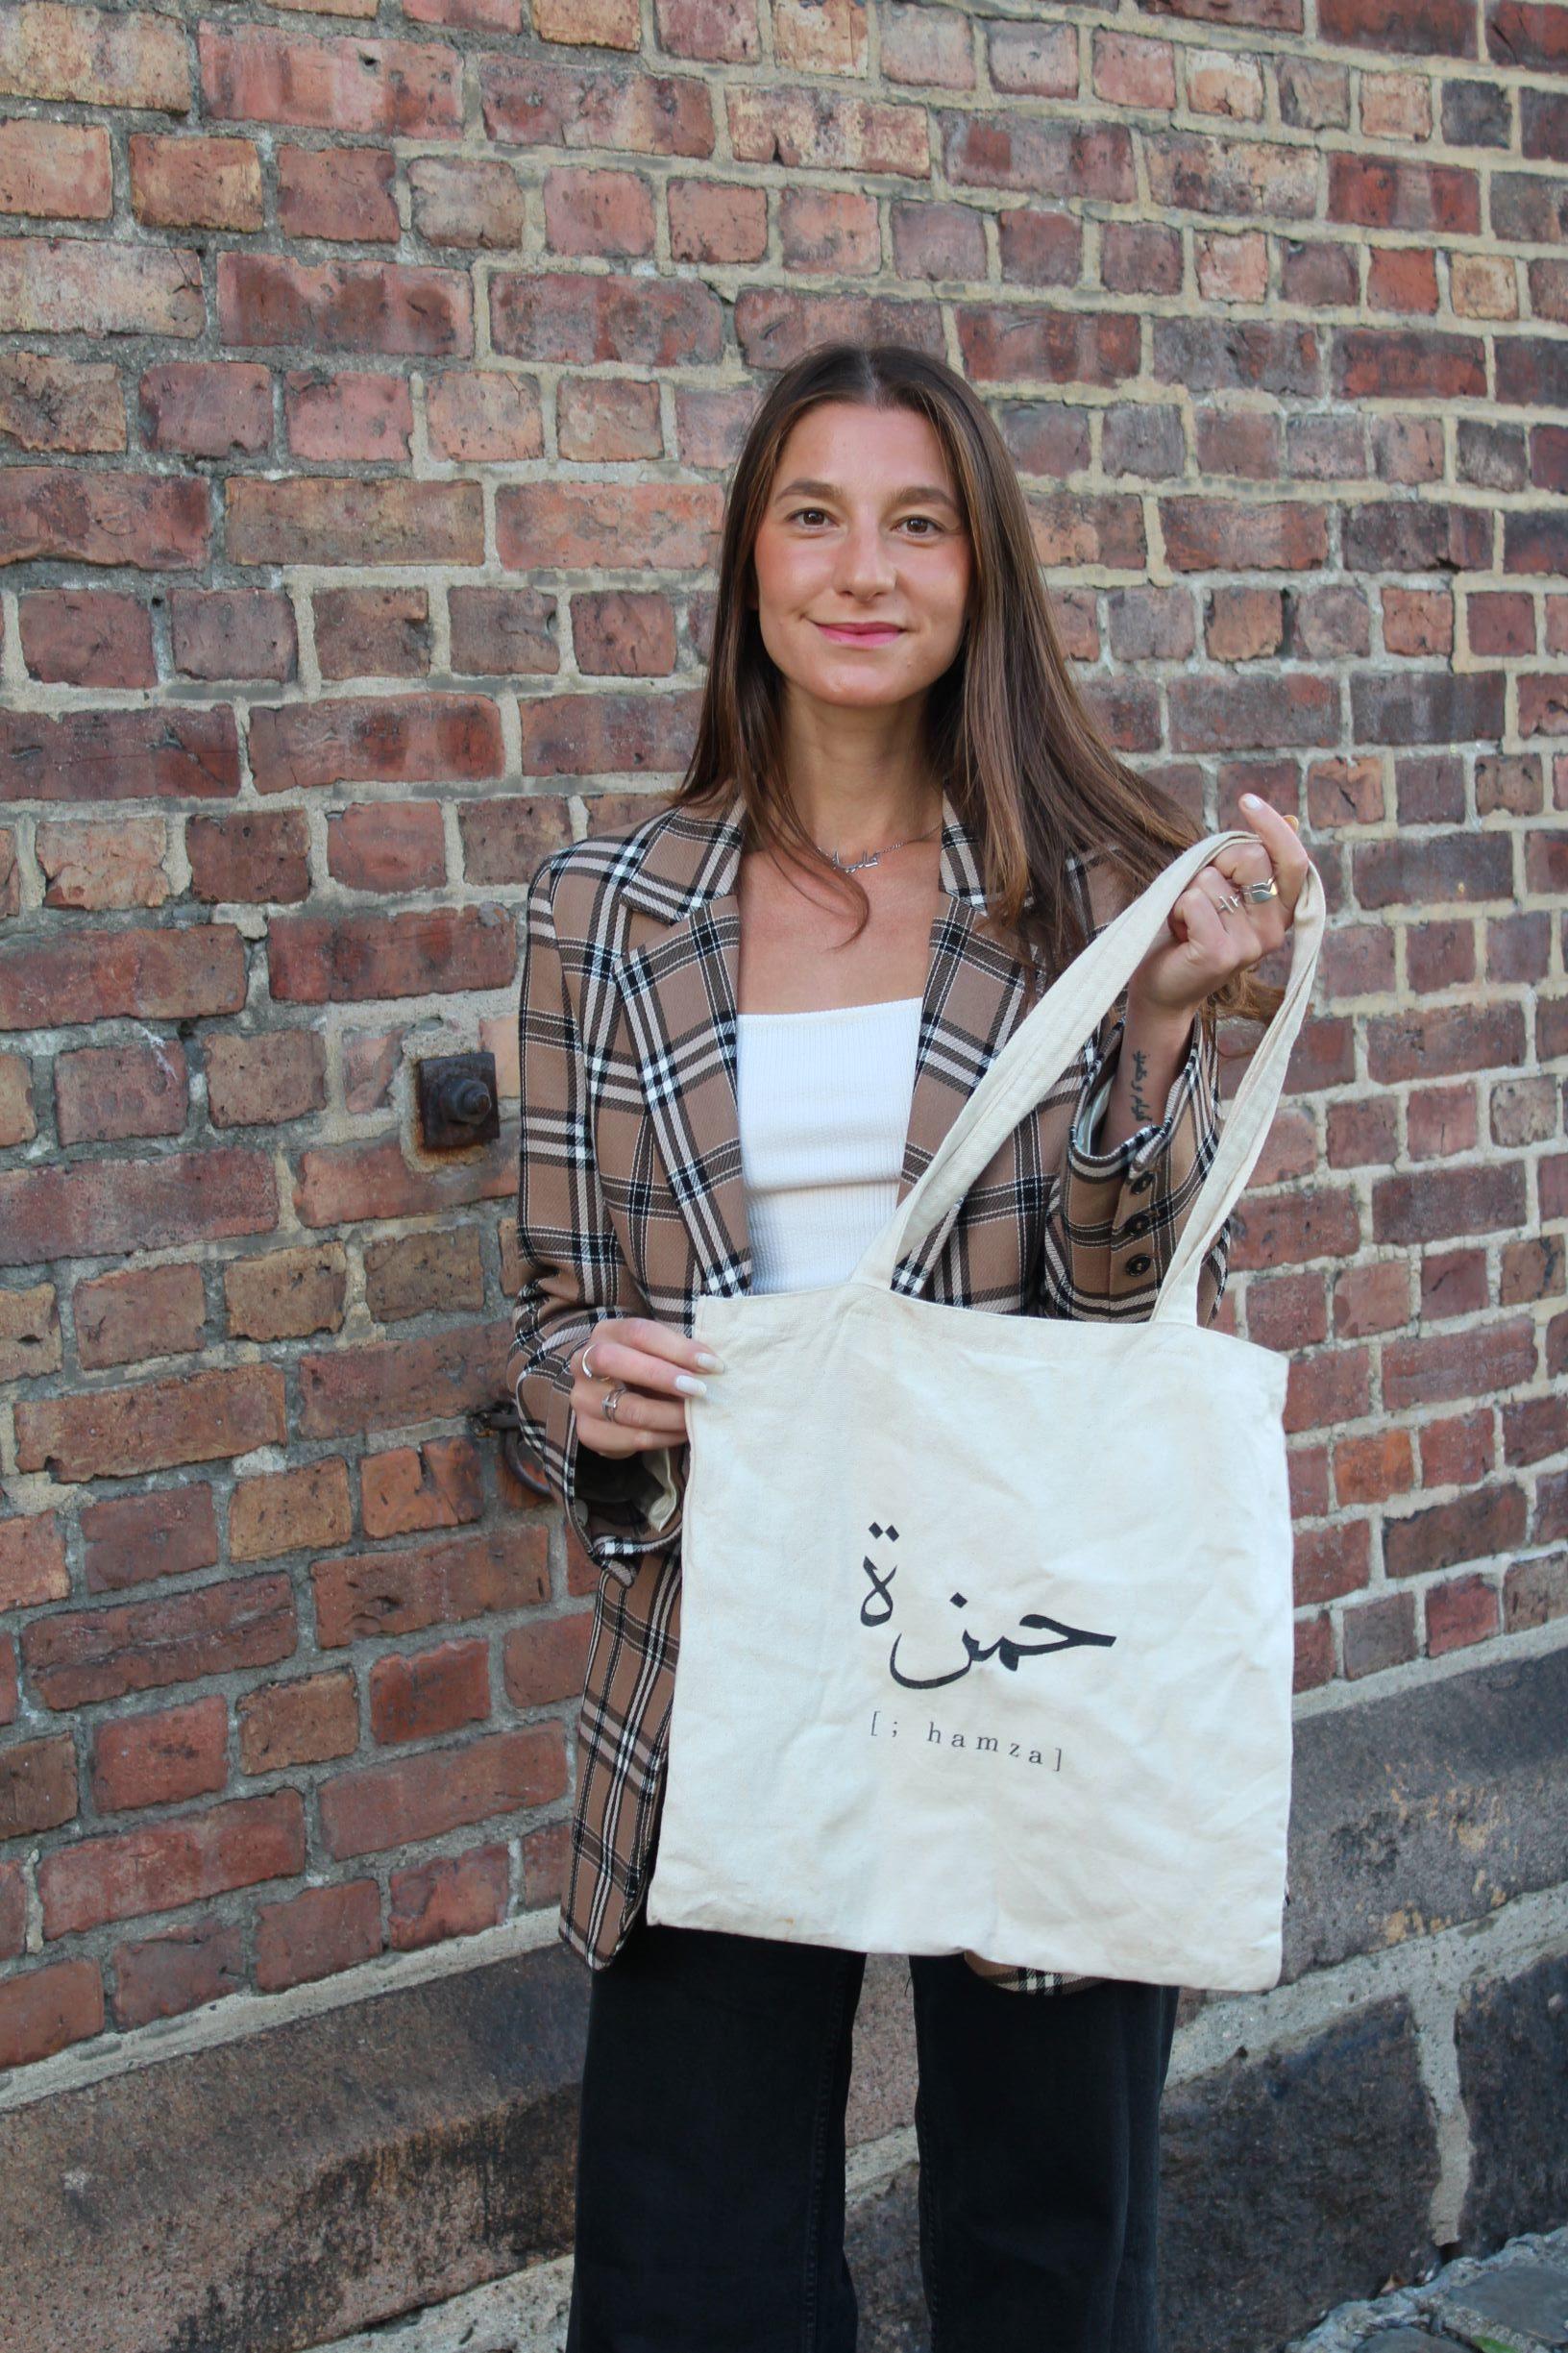 Aliaa Noelle Hamza viser frem sitt handlenett med arabiske ord